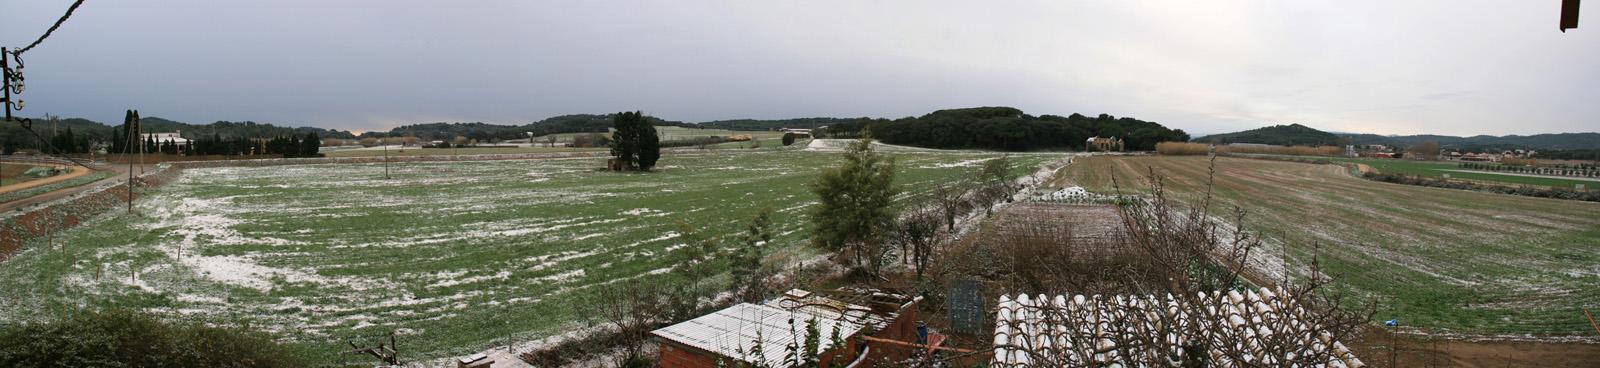 Ha nevat a Palamós